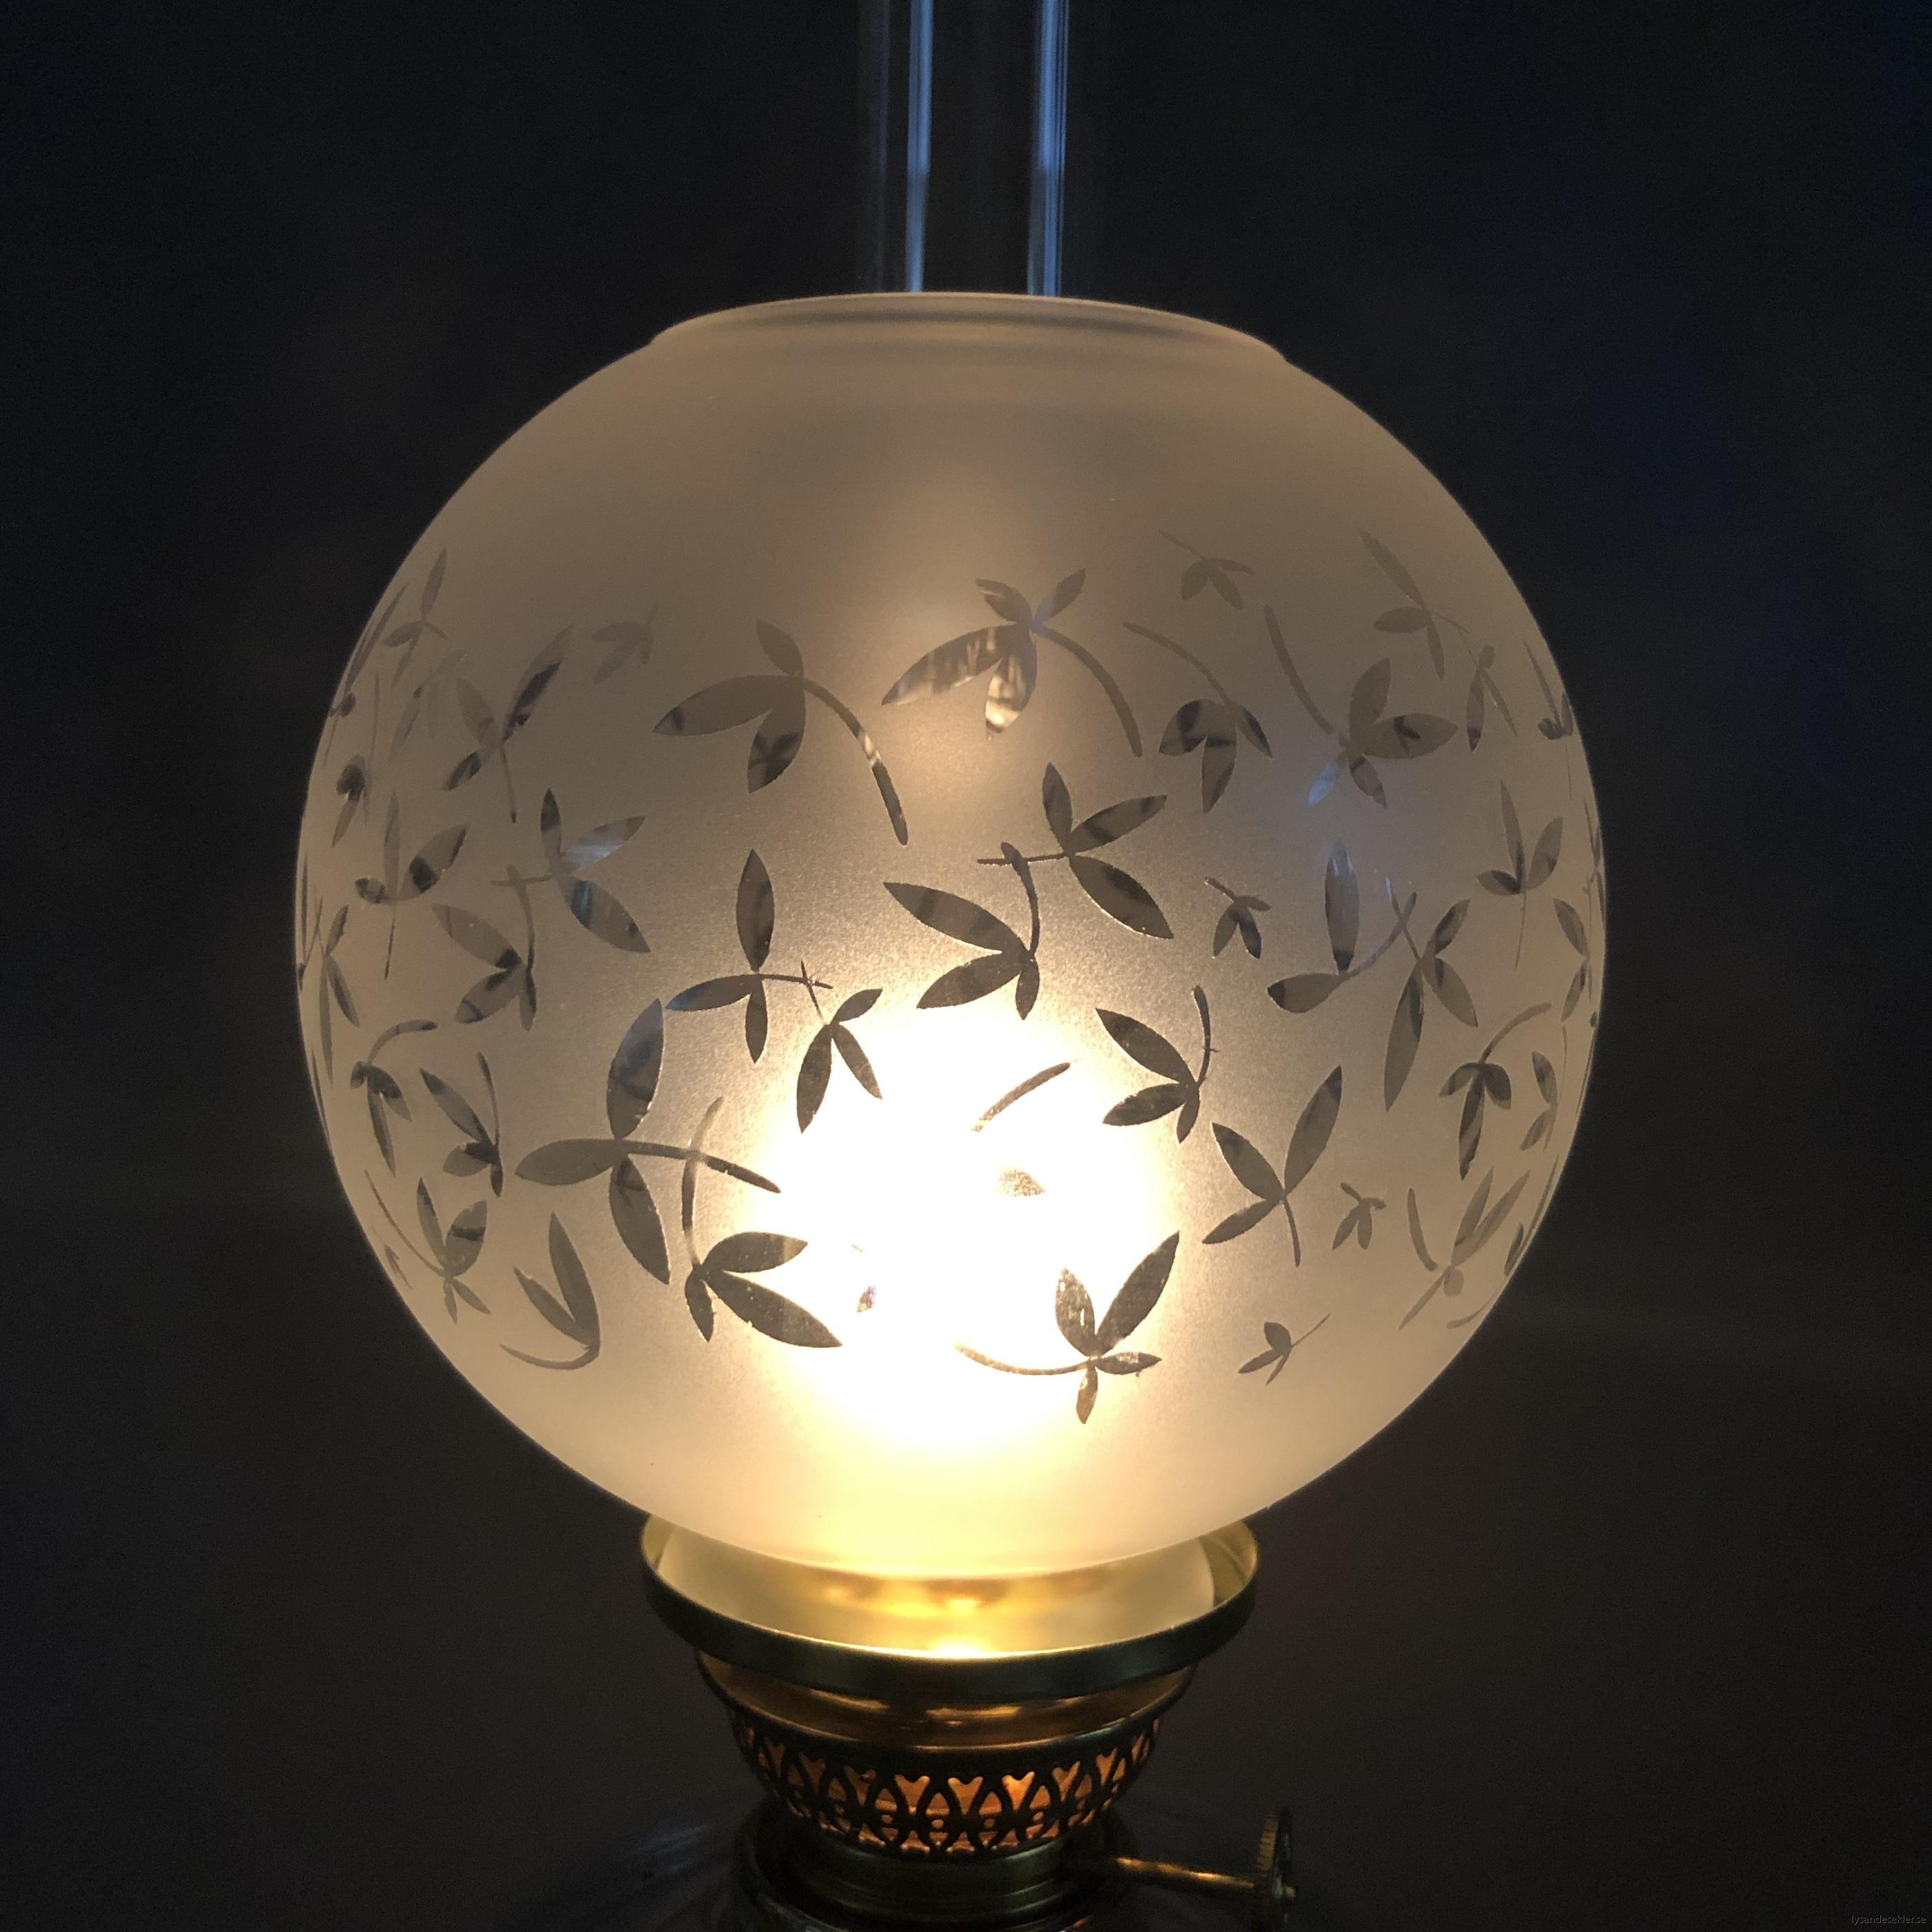 klotkupa liten frostad ornamenterad med blad10